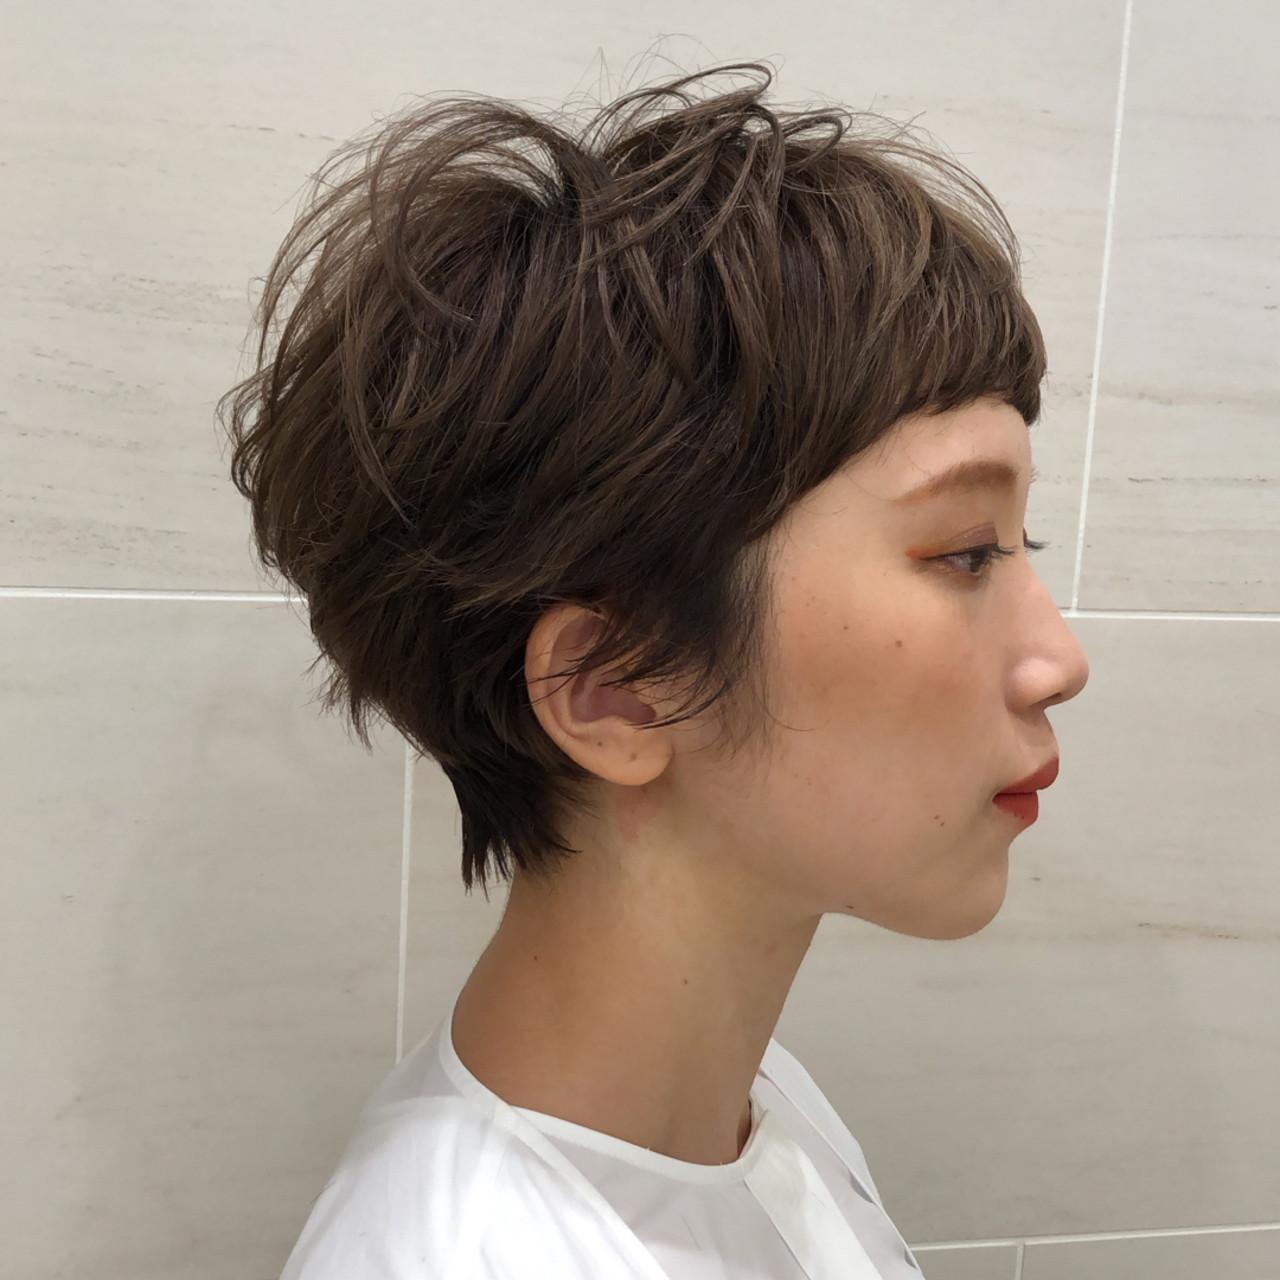 マッシュショート ミルクティーベージュ ショートボブ ショートヘア ヘアスタイルや髪型の写真・画像 | 池上 一星 / GINZA PEEK-A-BOO 中央通り店